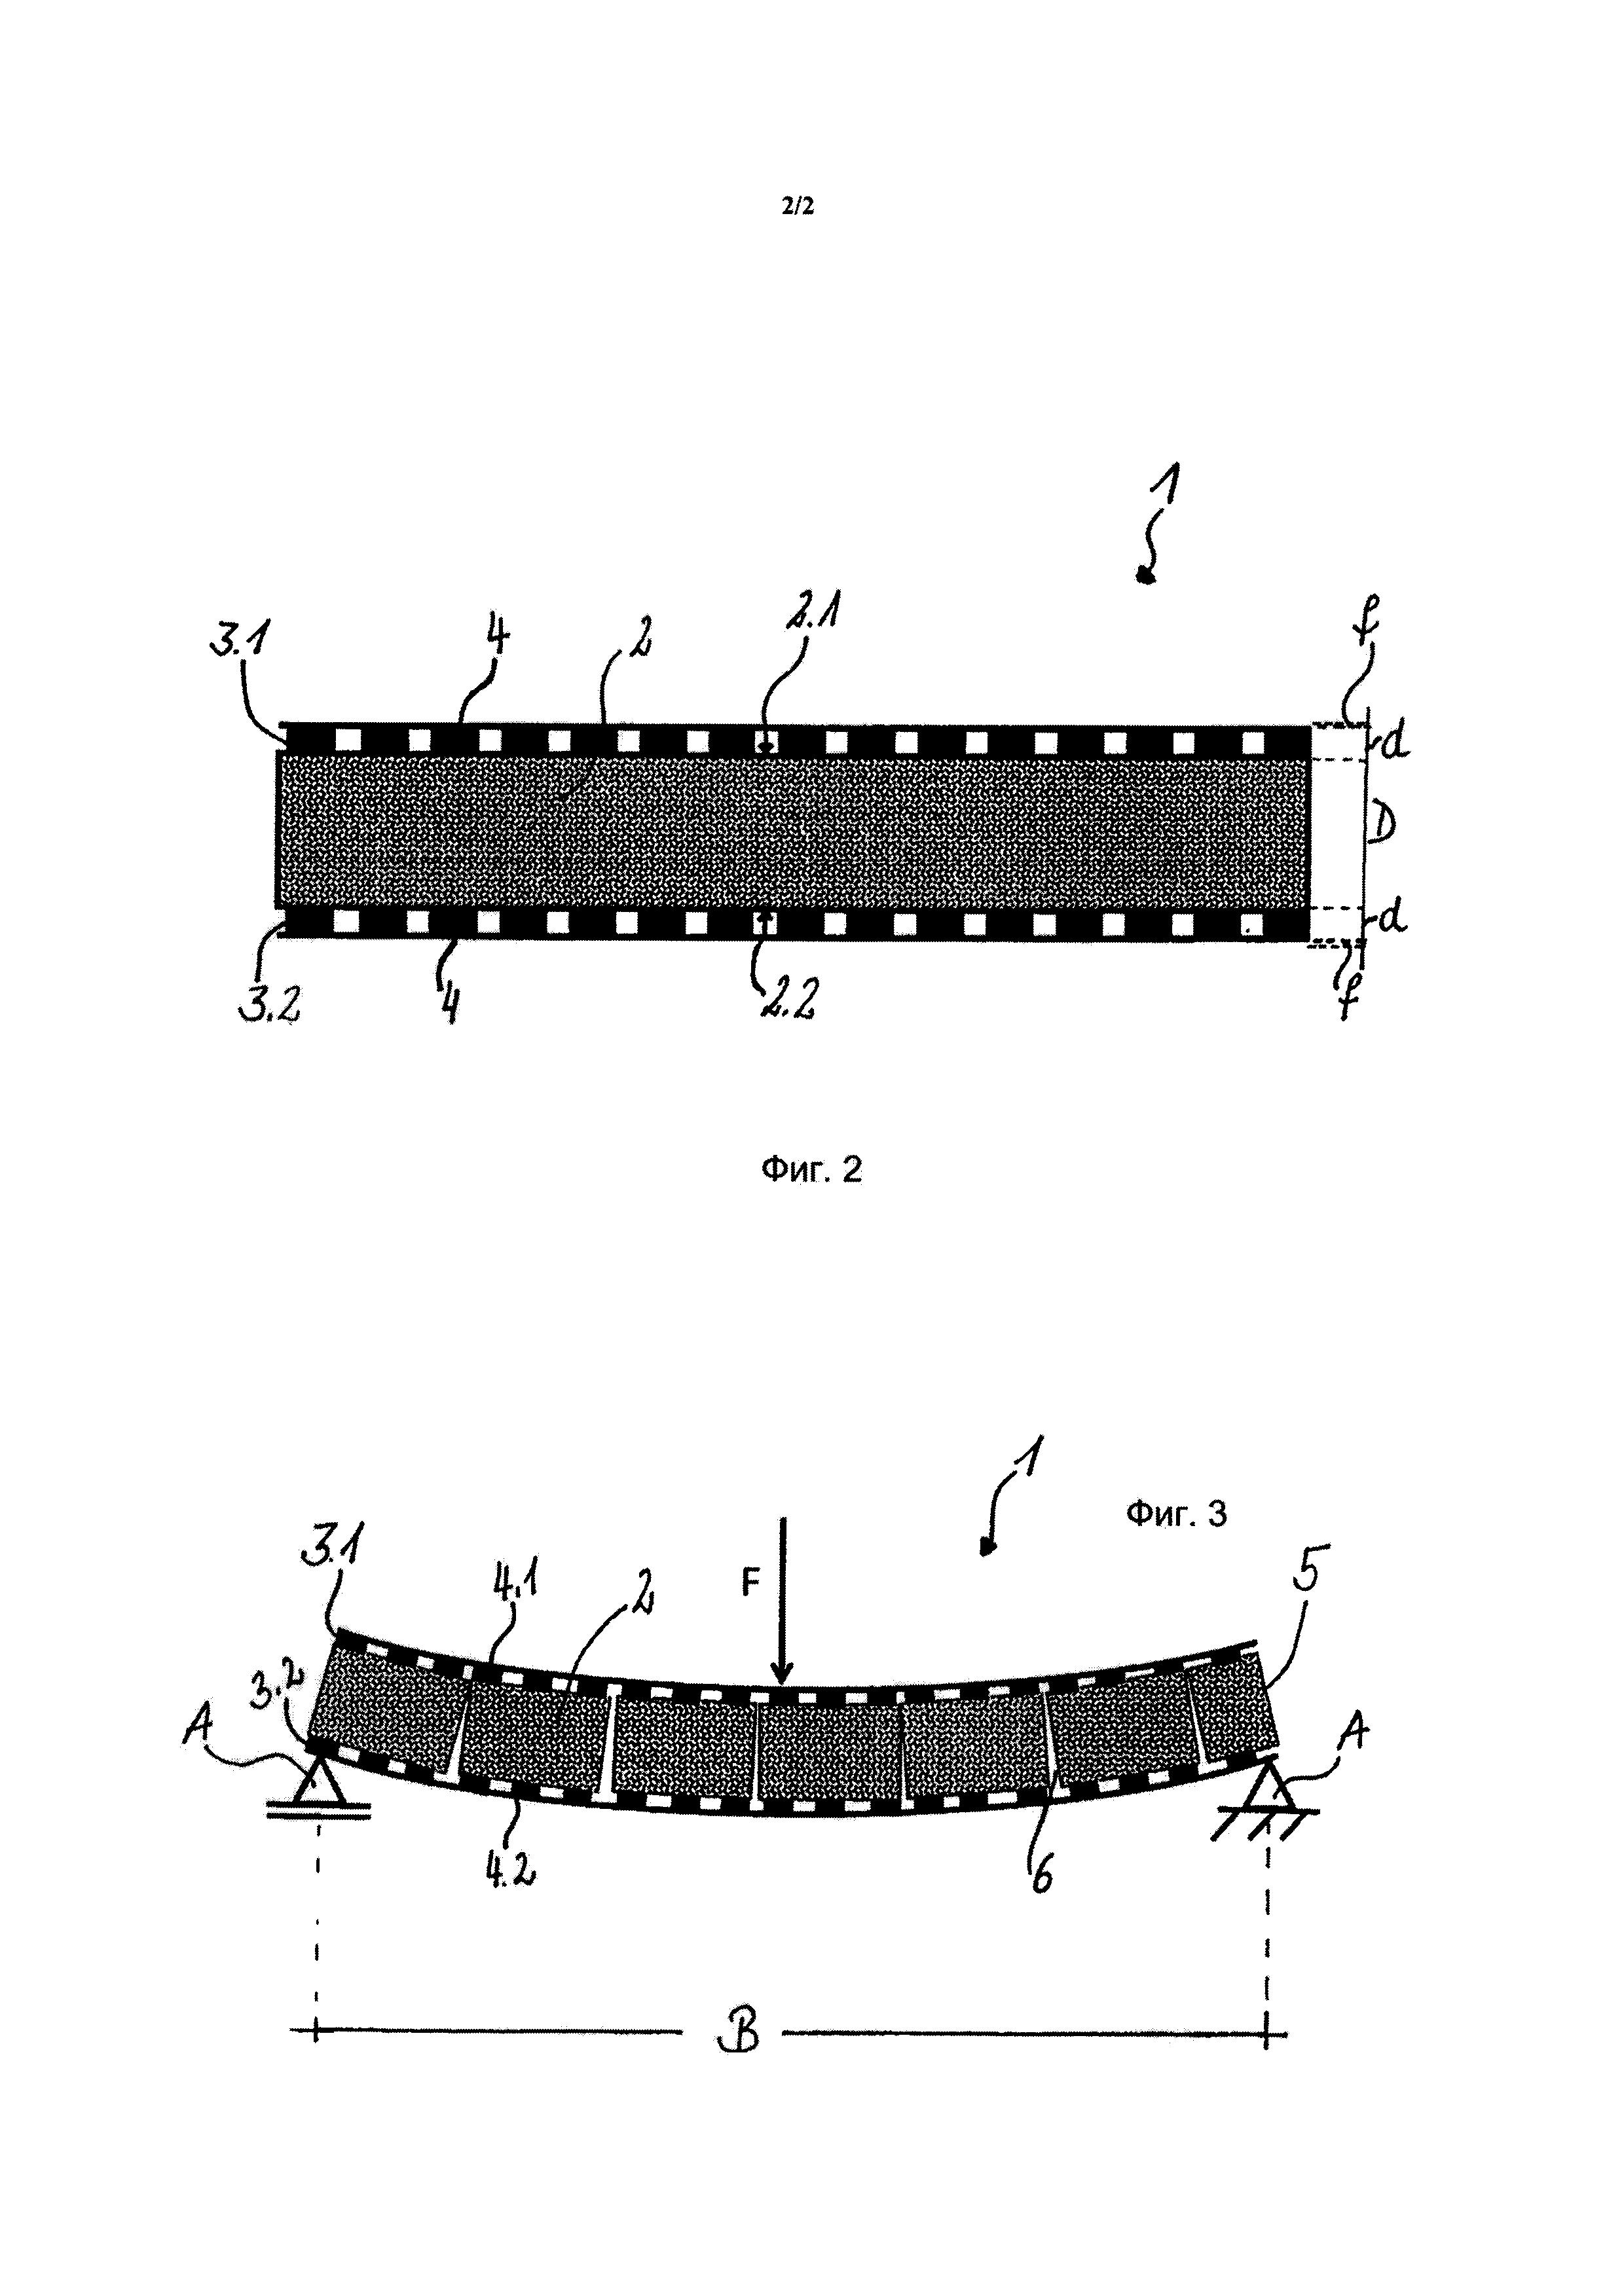 Комбинированная панель с опорной сердцевиной из ячеистого стекла